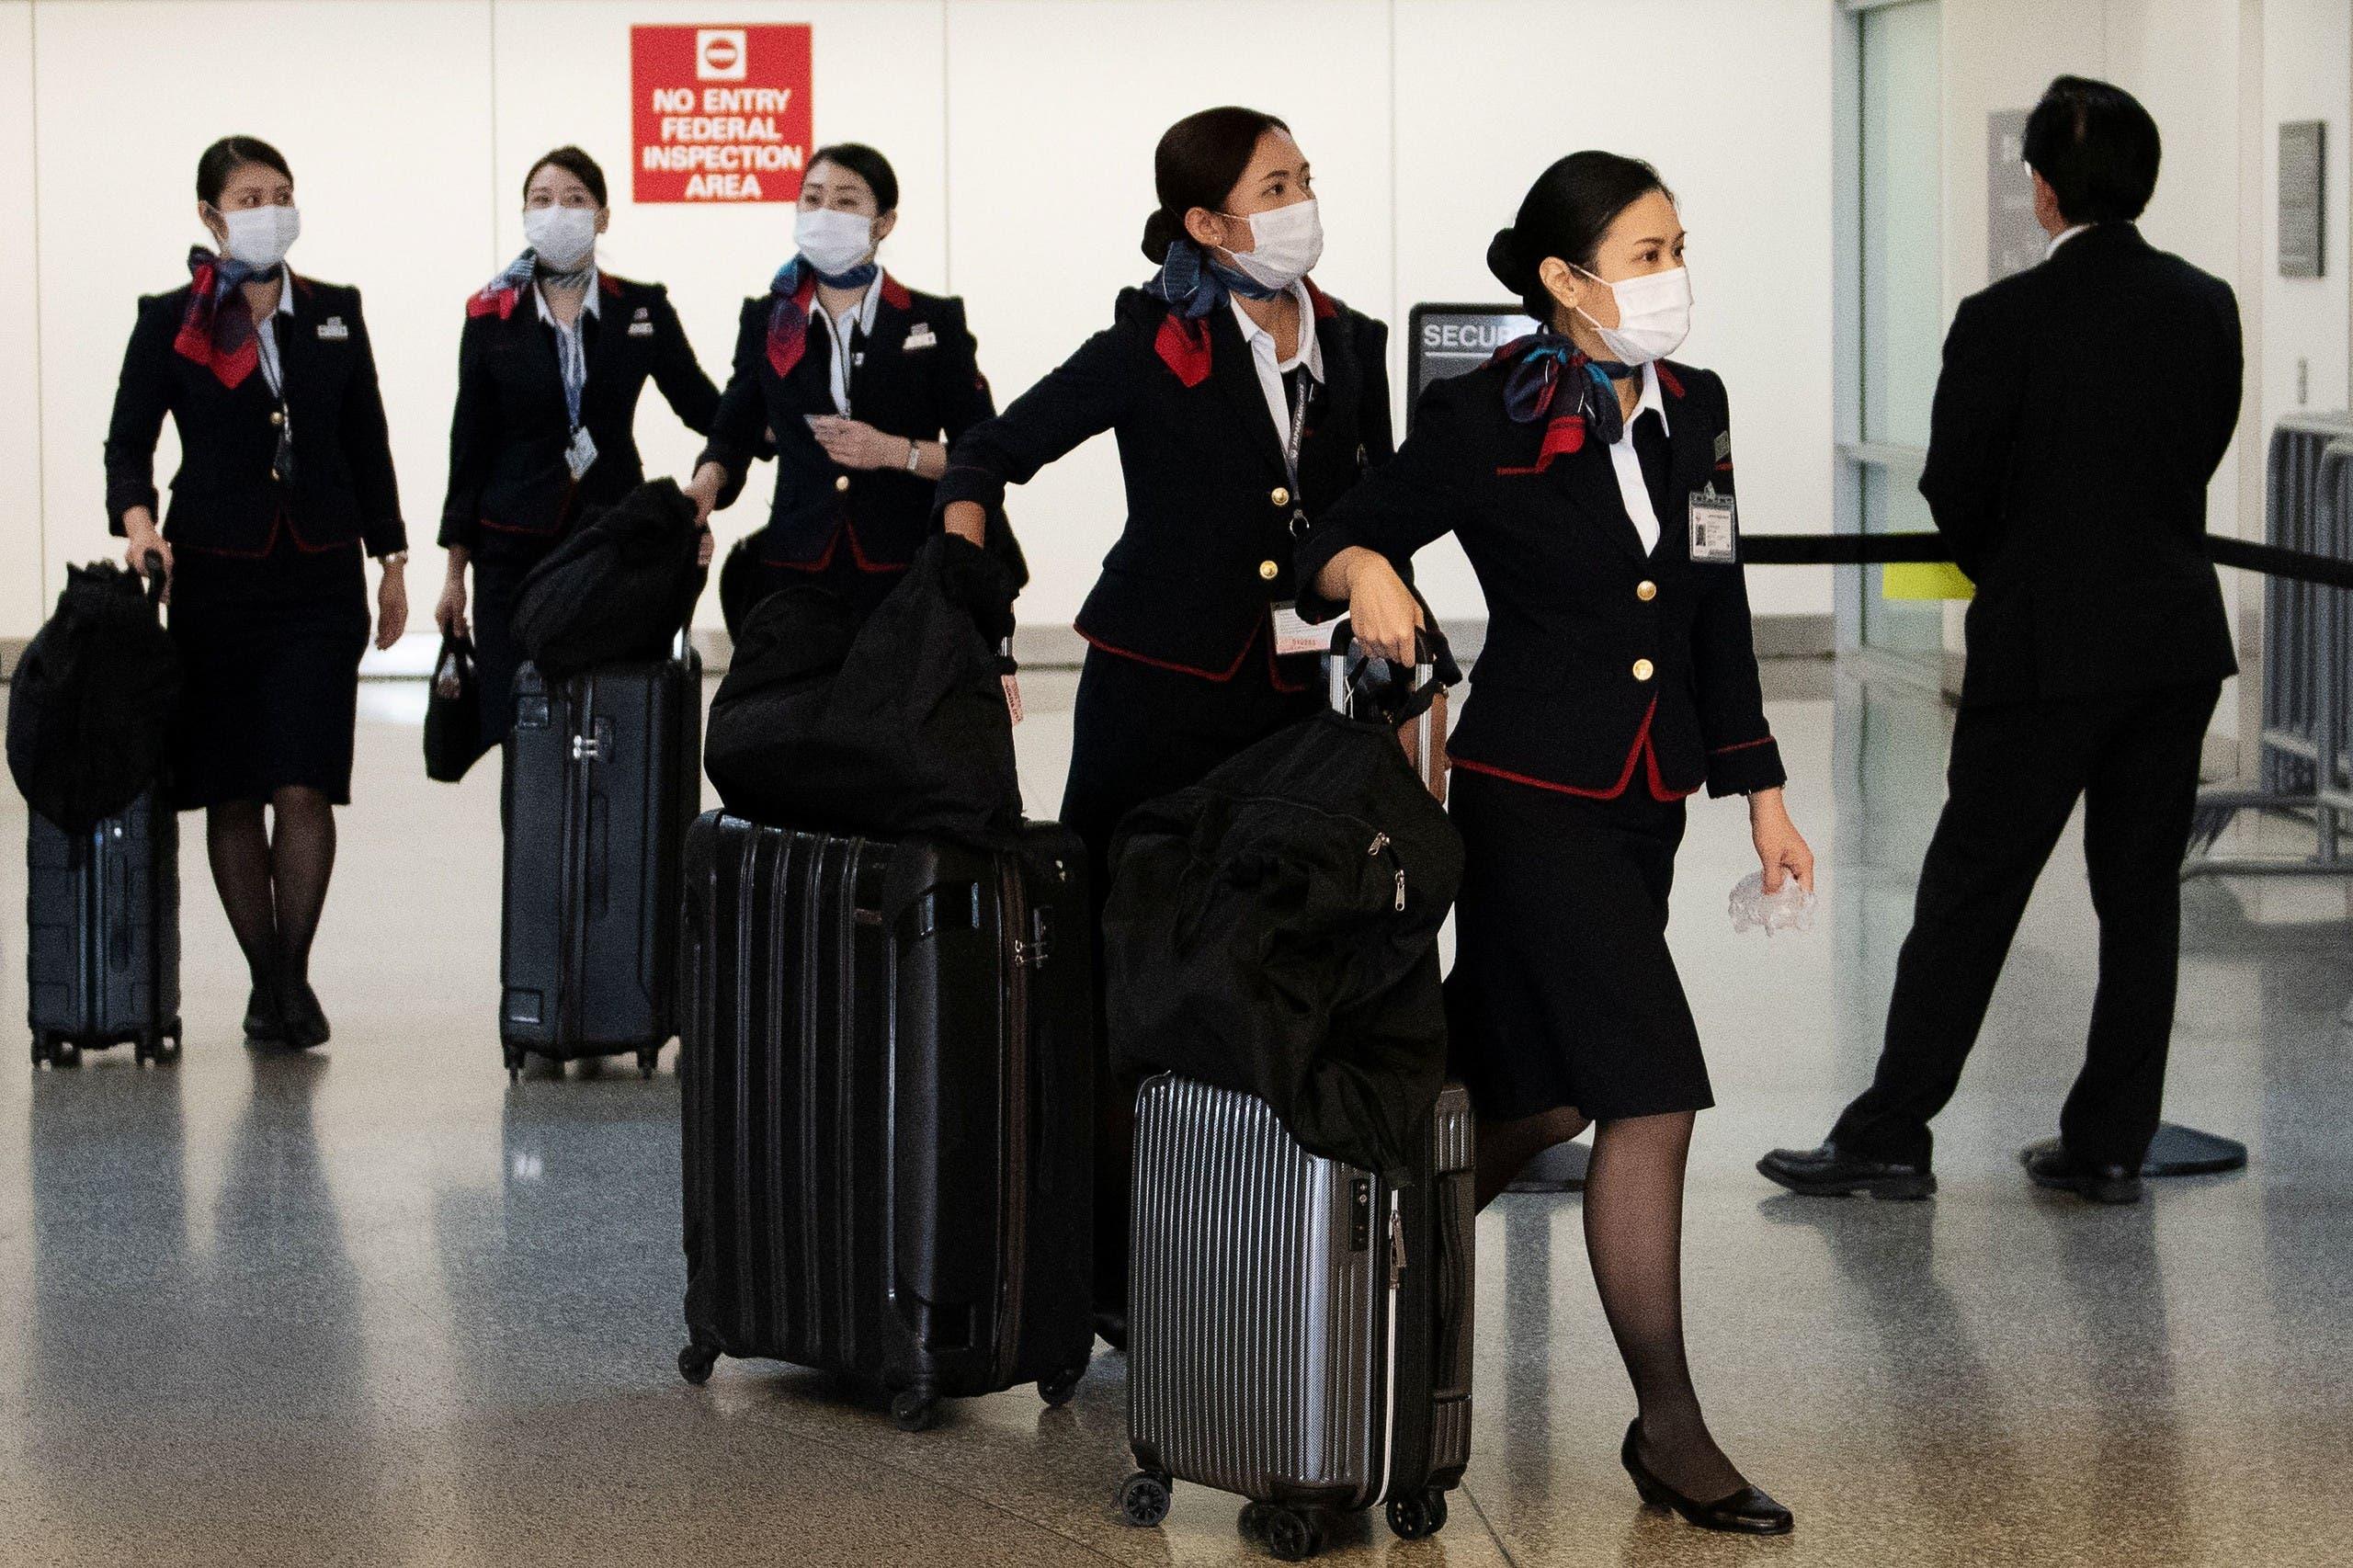 مضيفات جويات من الخطوط الجوية اليابانية يضعن أقنعة واقية في مطار سان فرانسيسكو بولاية كاليفورنيا الأميركية في صورة بتاريخ 13 مارس